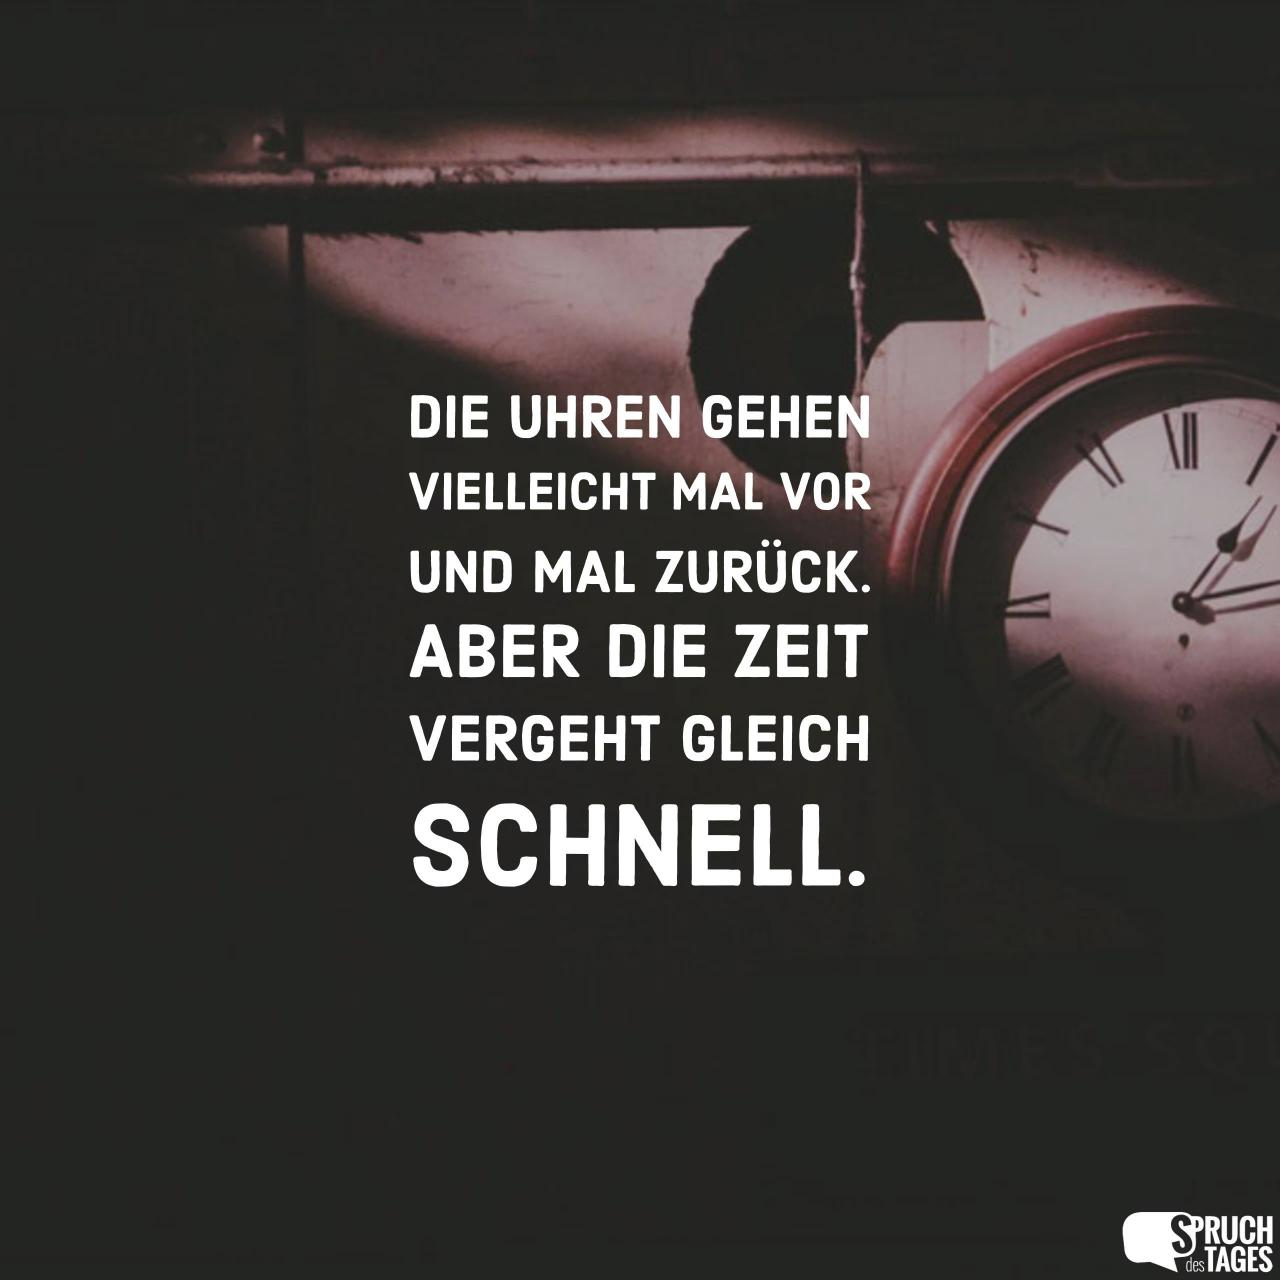 Uhren Gehen Vielleicht Mal Vor Und Mal Zuruck Aber Zeit Vergeht Gleich Schnell